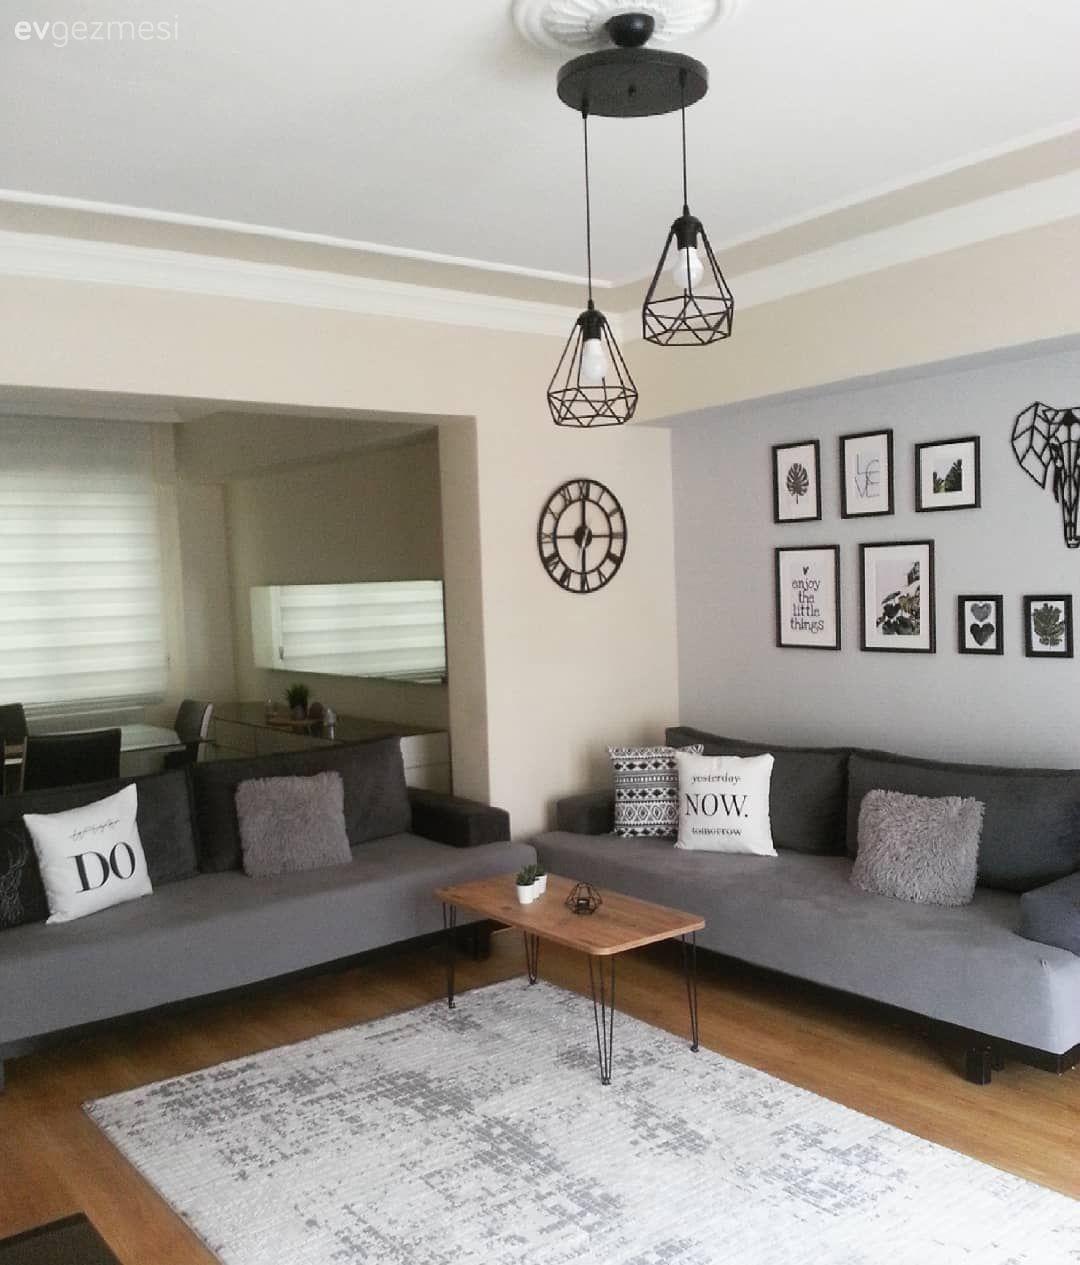 Bu Evde Modern Stil El Emegi Dokunuslar Ile Kimlik Kazanmis Ev Gezmesi Oturma Odasi Dekorasyonu Oturma Odasi Fikirleri Oturma Odasi Tasarimlari